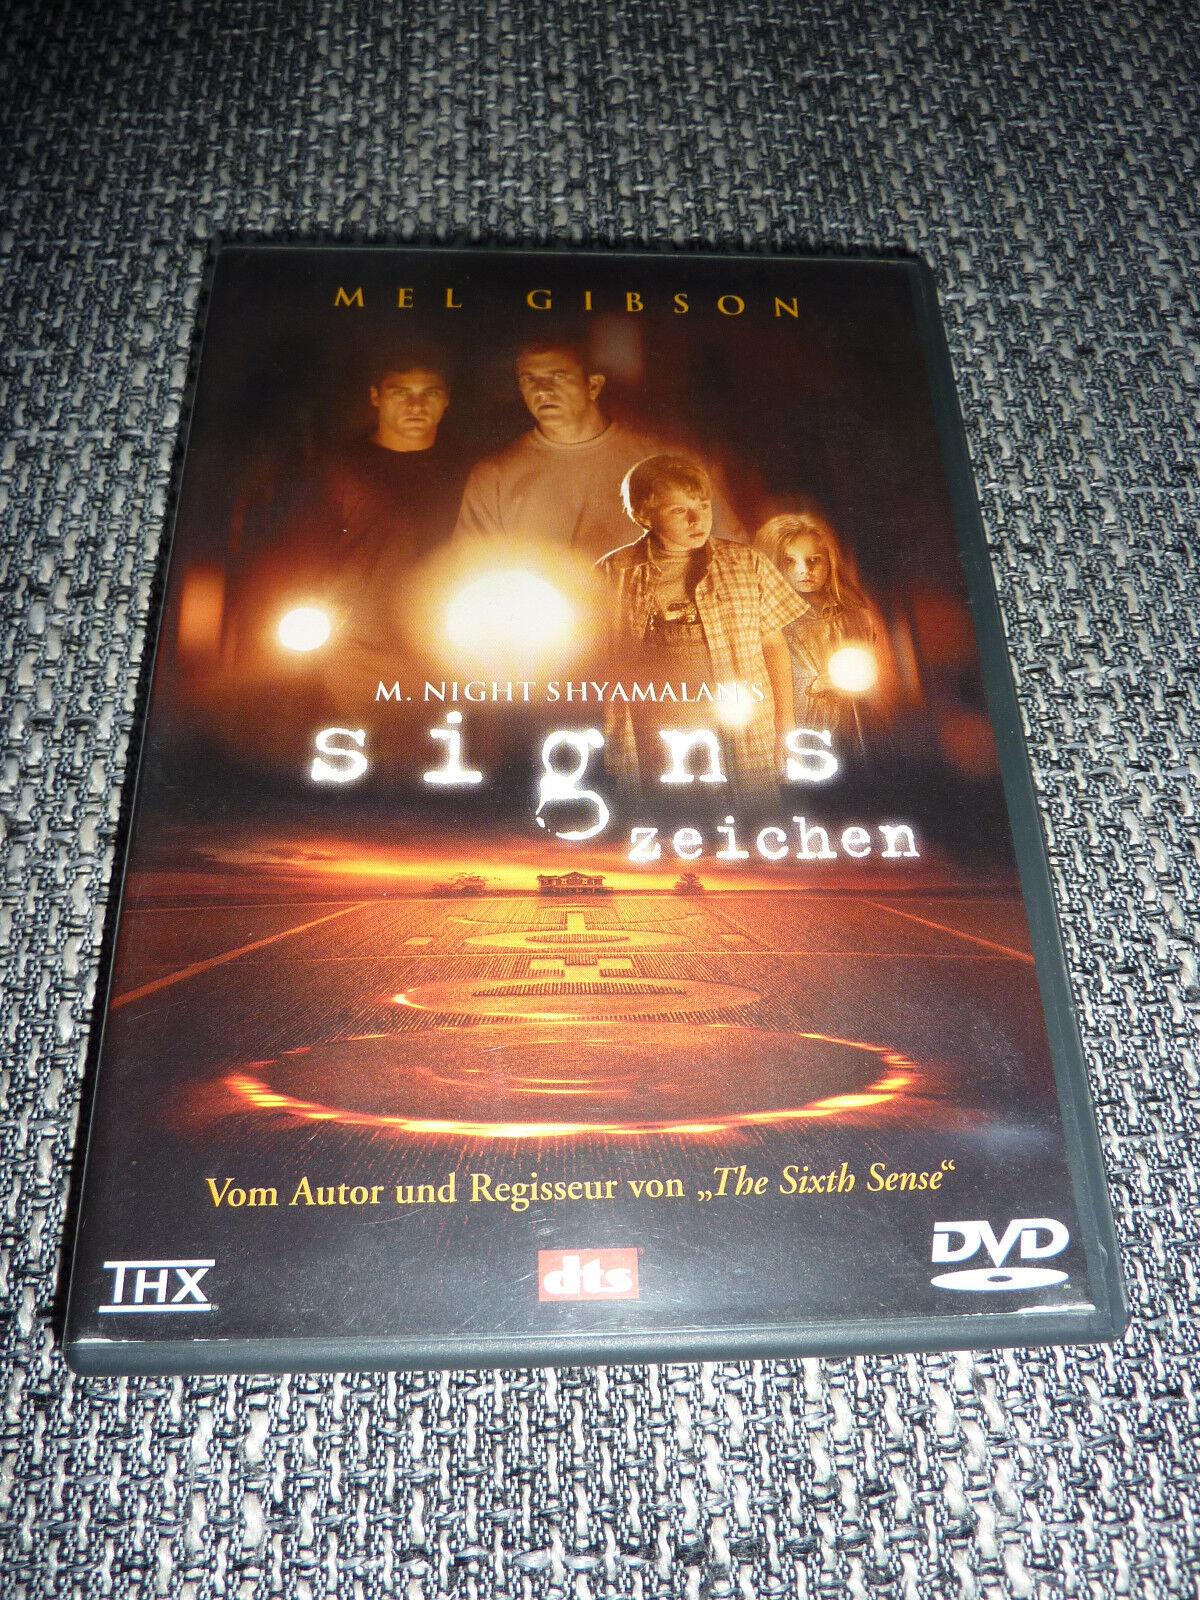 Signs Zeichen DVD M. Night Shyamalan's Horror Film Deutsch/English